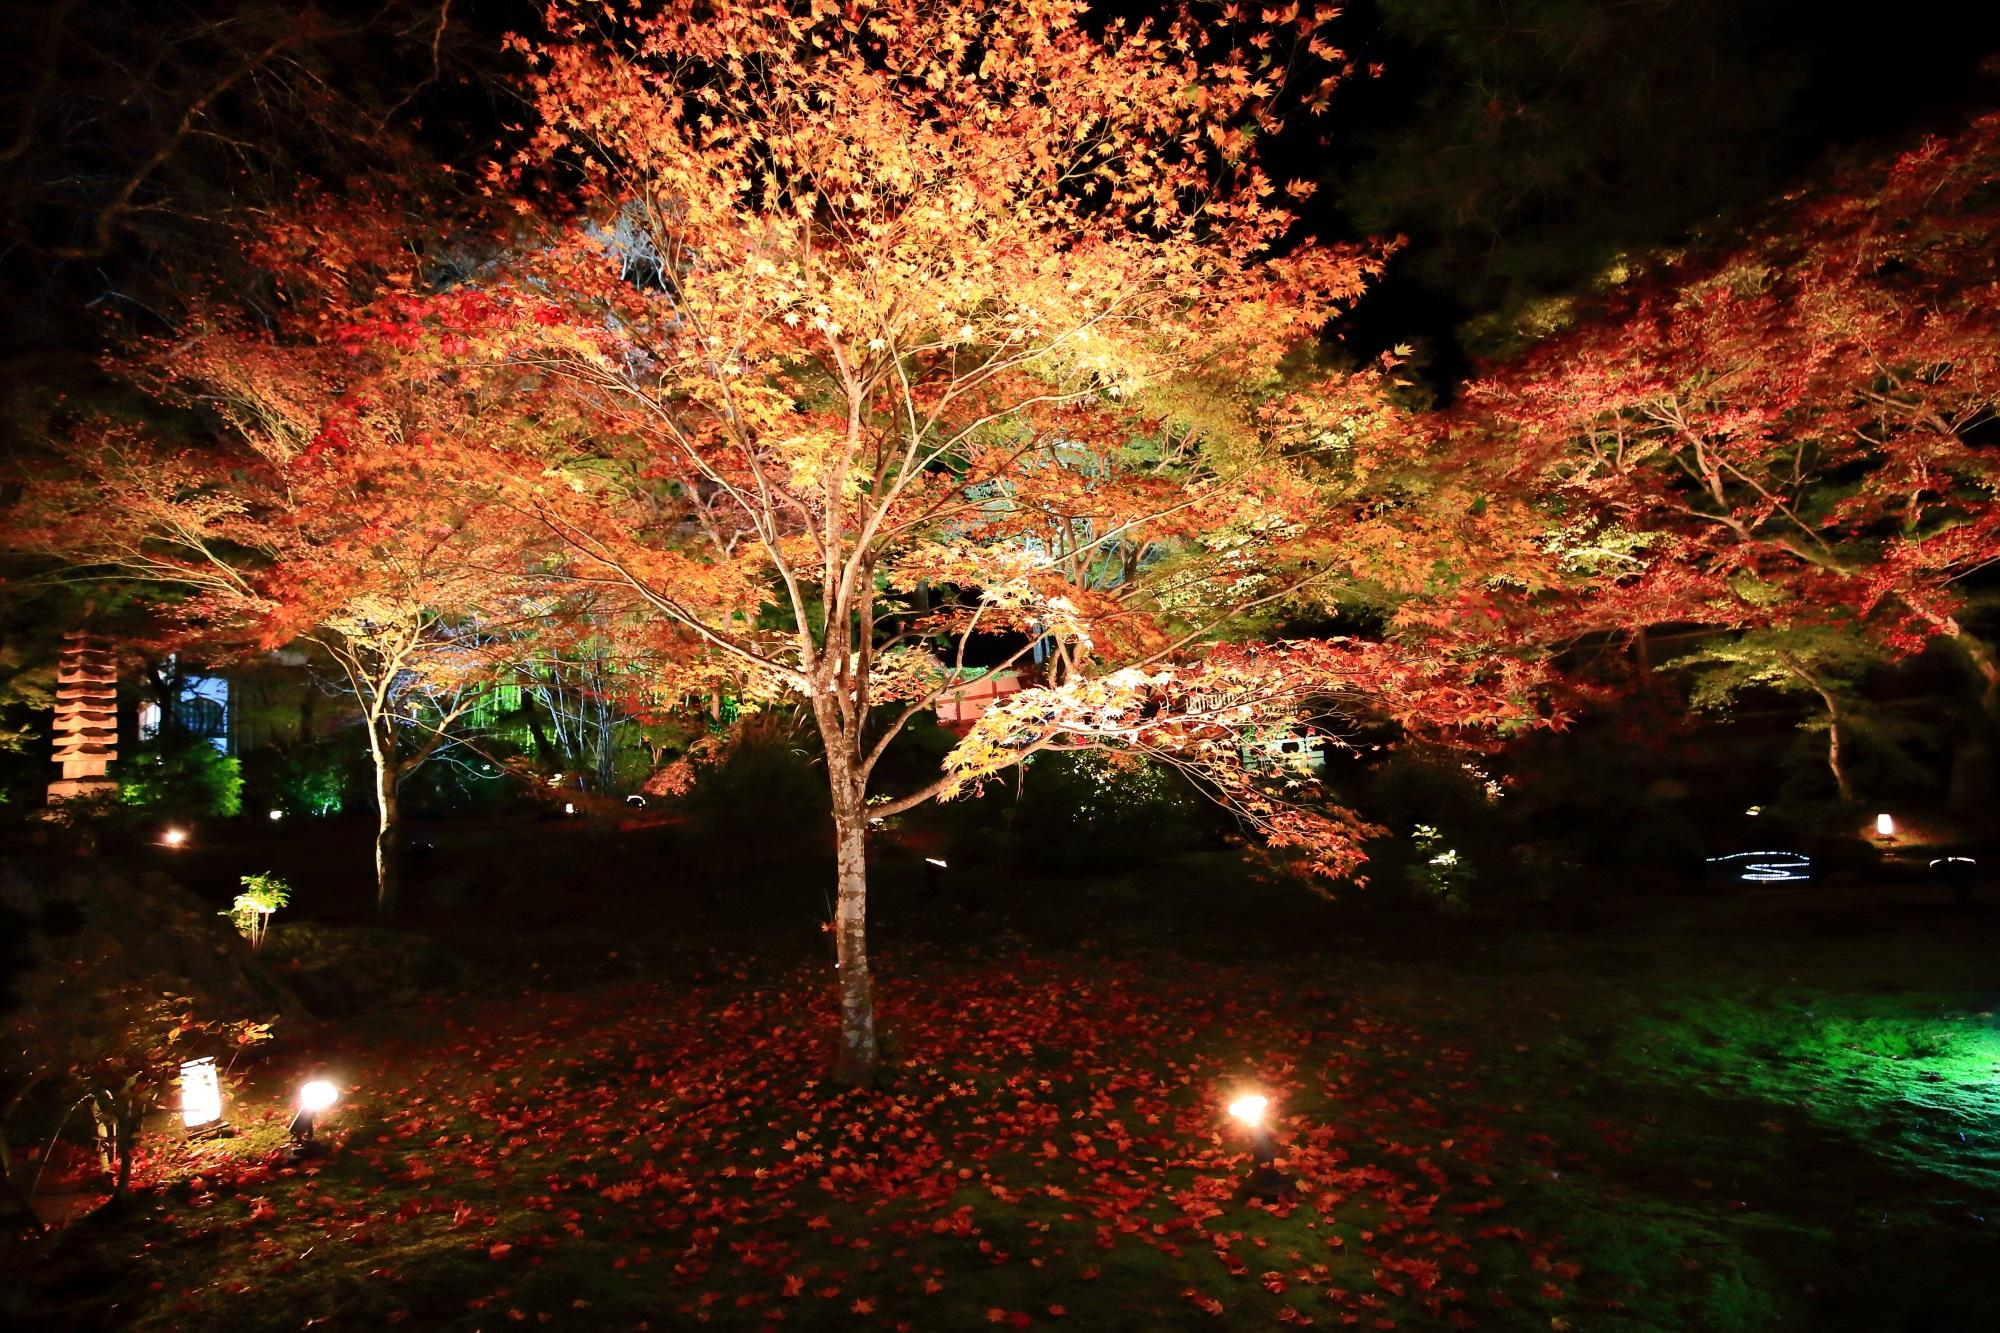 天龍寺 宝厳院の獅子吼の庭の紅葉と苔と散りもみじ